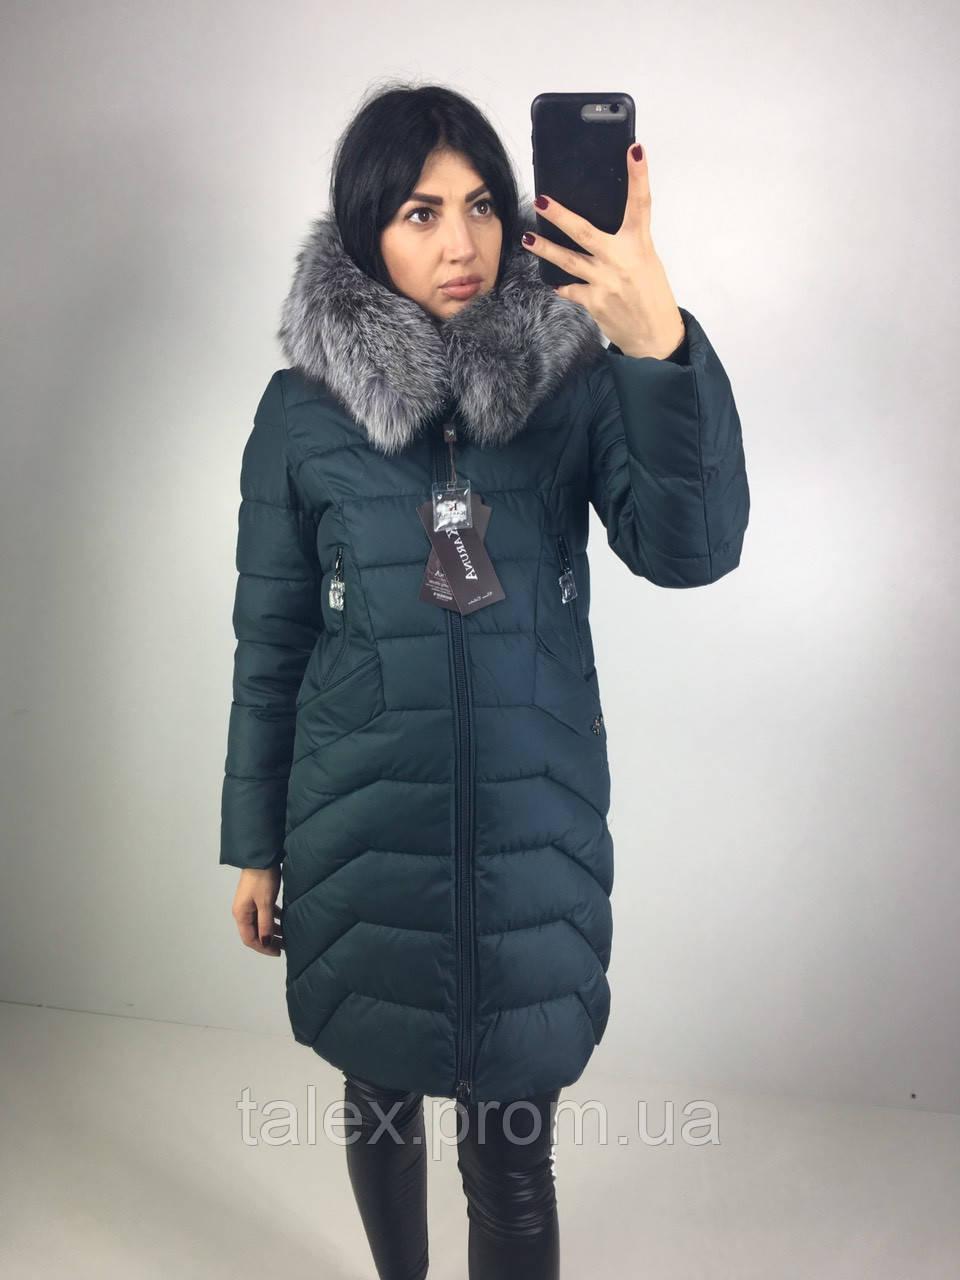 Куртка женская зимняя удлиненная теплая с натуральным мехом чернобурки -  Оптово-розничный магазин женской одежды f77482be50906